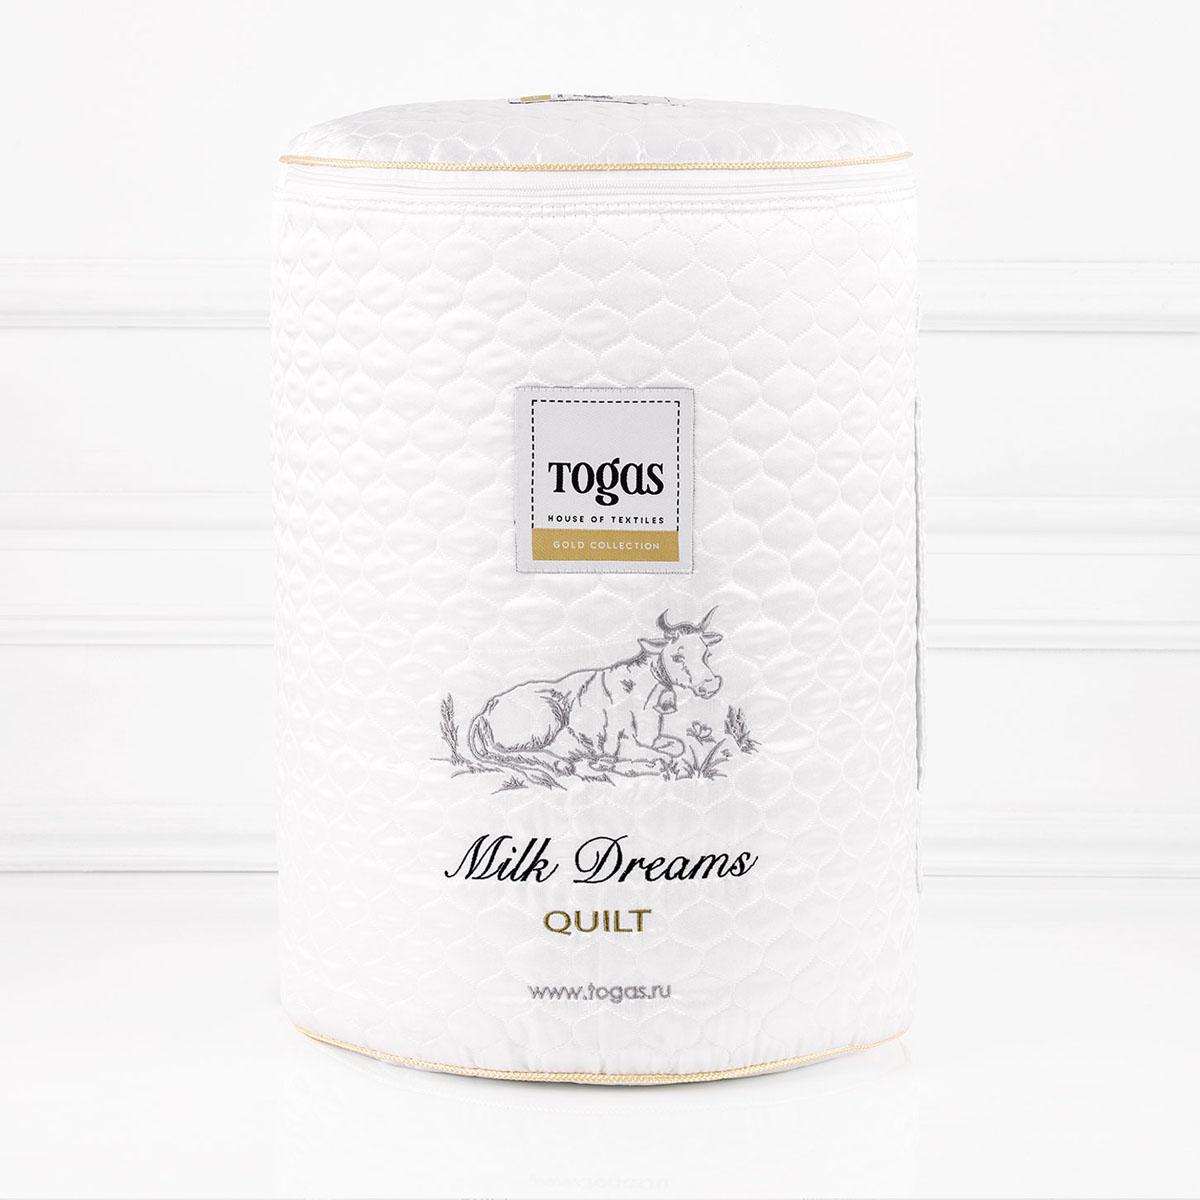 Одеяло Togas Милк дримс, наполнитель: молочное волокно, 140 х 200 см20.04.16.0095Чехол одеяла Togas Милк дримс выполнен из жаккарда (100% модал). Наполнитель одеяла изготовлен из молочного волокна. Модал - материал нового поколения, появился сравнительно недавно. Несмотря на синтетическое происхождение, он считается экологически чистым, так как изготовлен из 100% древесной целлюлозы. Целлюлоза для модала используется высококачественная, чаще всего из эвкалиптового дерева, бука, сосны. Молочное волокно имеет гипоаллергенные и антибактериальные свойства. Наполнитель из молочного волокна отлично поглощает лишнюю влагу, не препятствует естественному дыханию кожи во время сна и при этом сохраняет все свои свойства после многократных стирок. Такое одеяло абсолютно натуральное и безопасное. Оно дарит всю пользу молока вашей коже, насыщая ее во время сна аминокислотами, микроэлементами и оказывая на нее естественно увлажняющее и стимулирующее кровообращение действие.